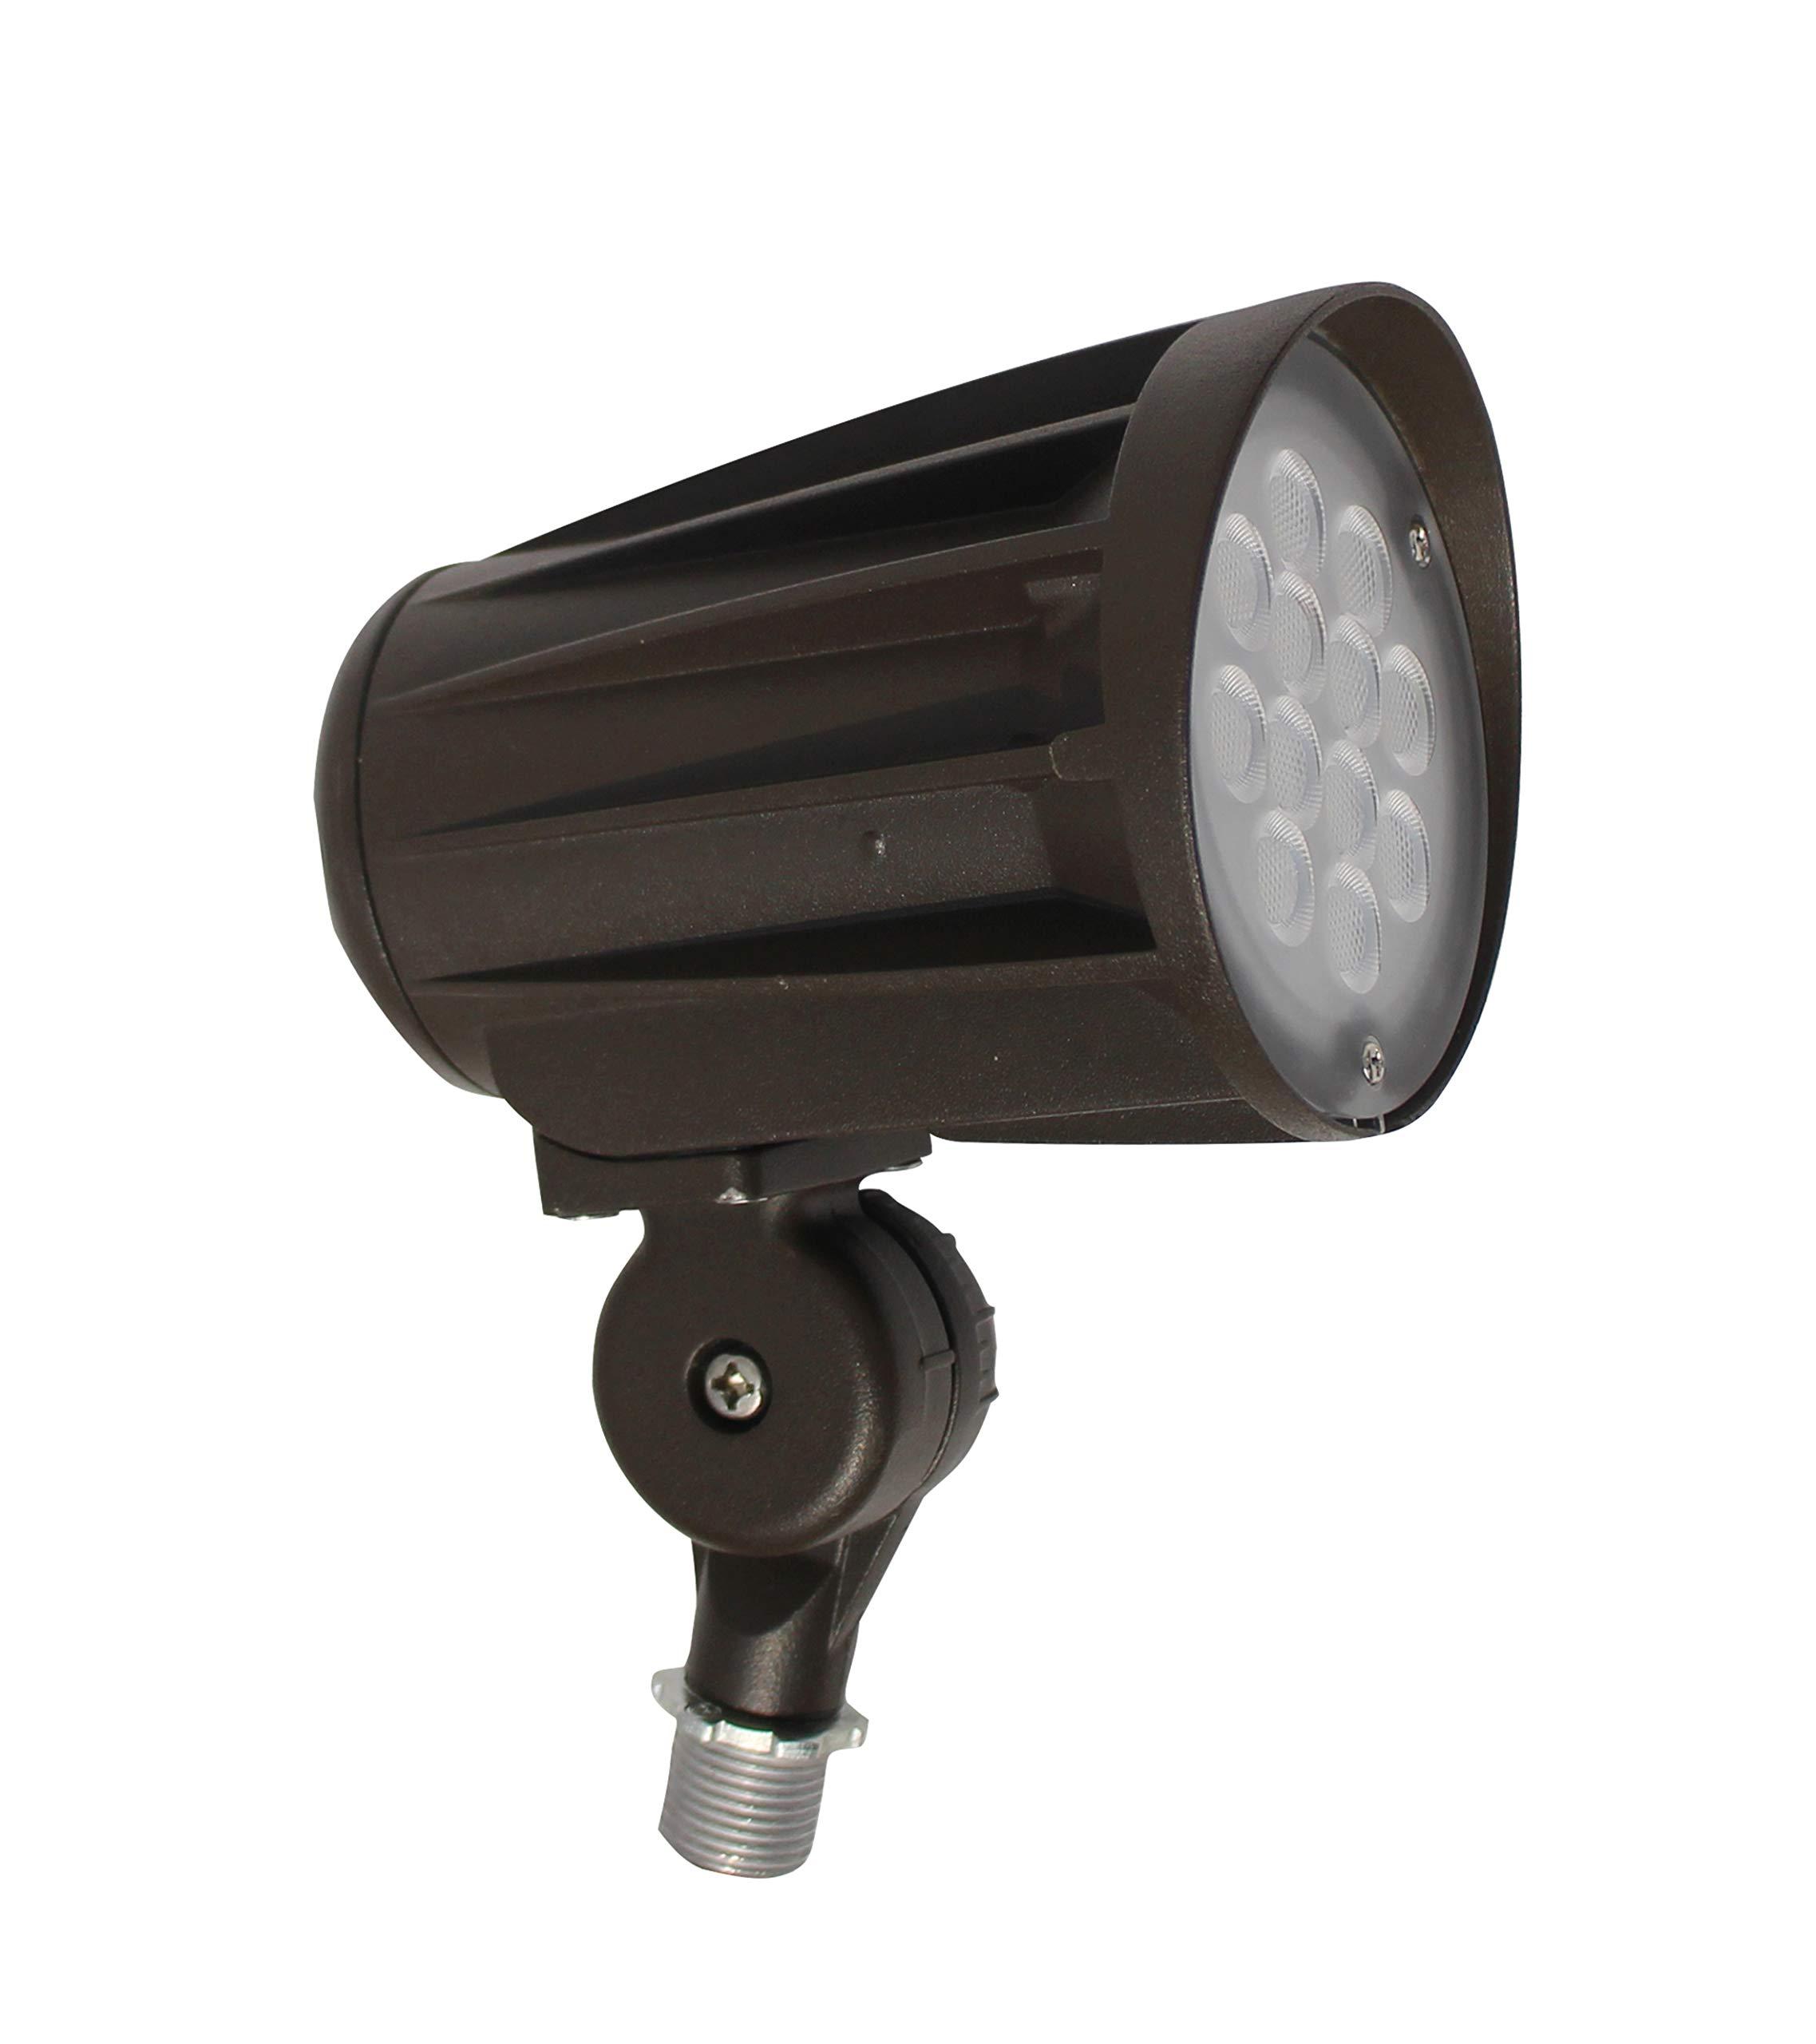 LEDrock DLC-Listed LED 28 Watt Exterior Landscape Light, 4000K Neutral White, 120V-277V, Comparable to 100-150W MH-HPS, 3200 Lumens, Threaded Box Mount, UL-Listed, Warranty Based in Denver, CO, USA